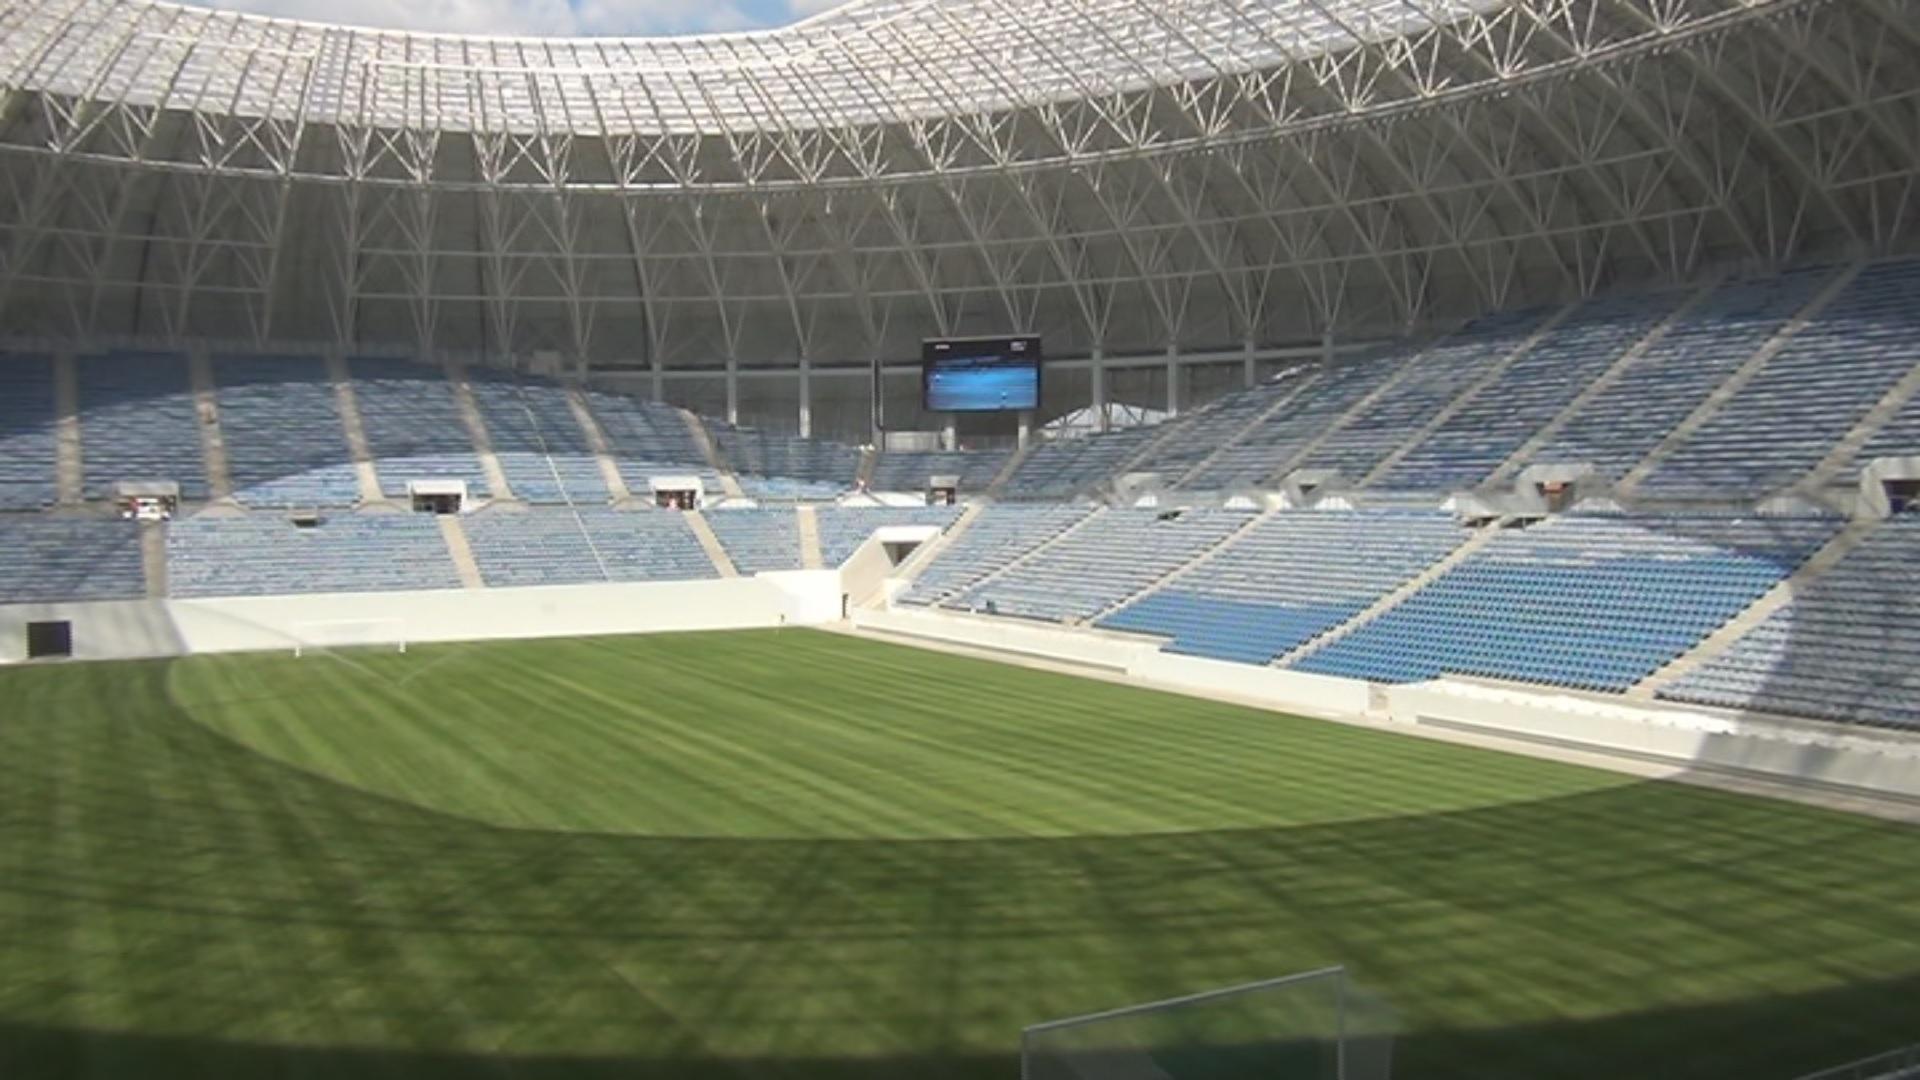 """Fiica Tunarului: Ar fi o onoare pentru noi, cei din familie, ca stadionul cel nou să poarte numele """"Ion Oblemenco"""""""